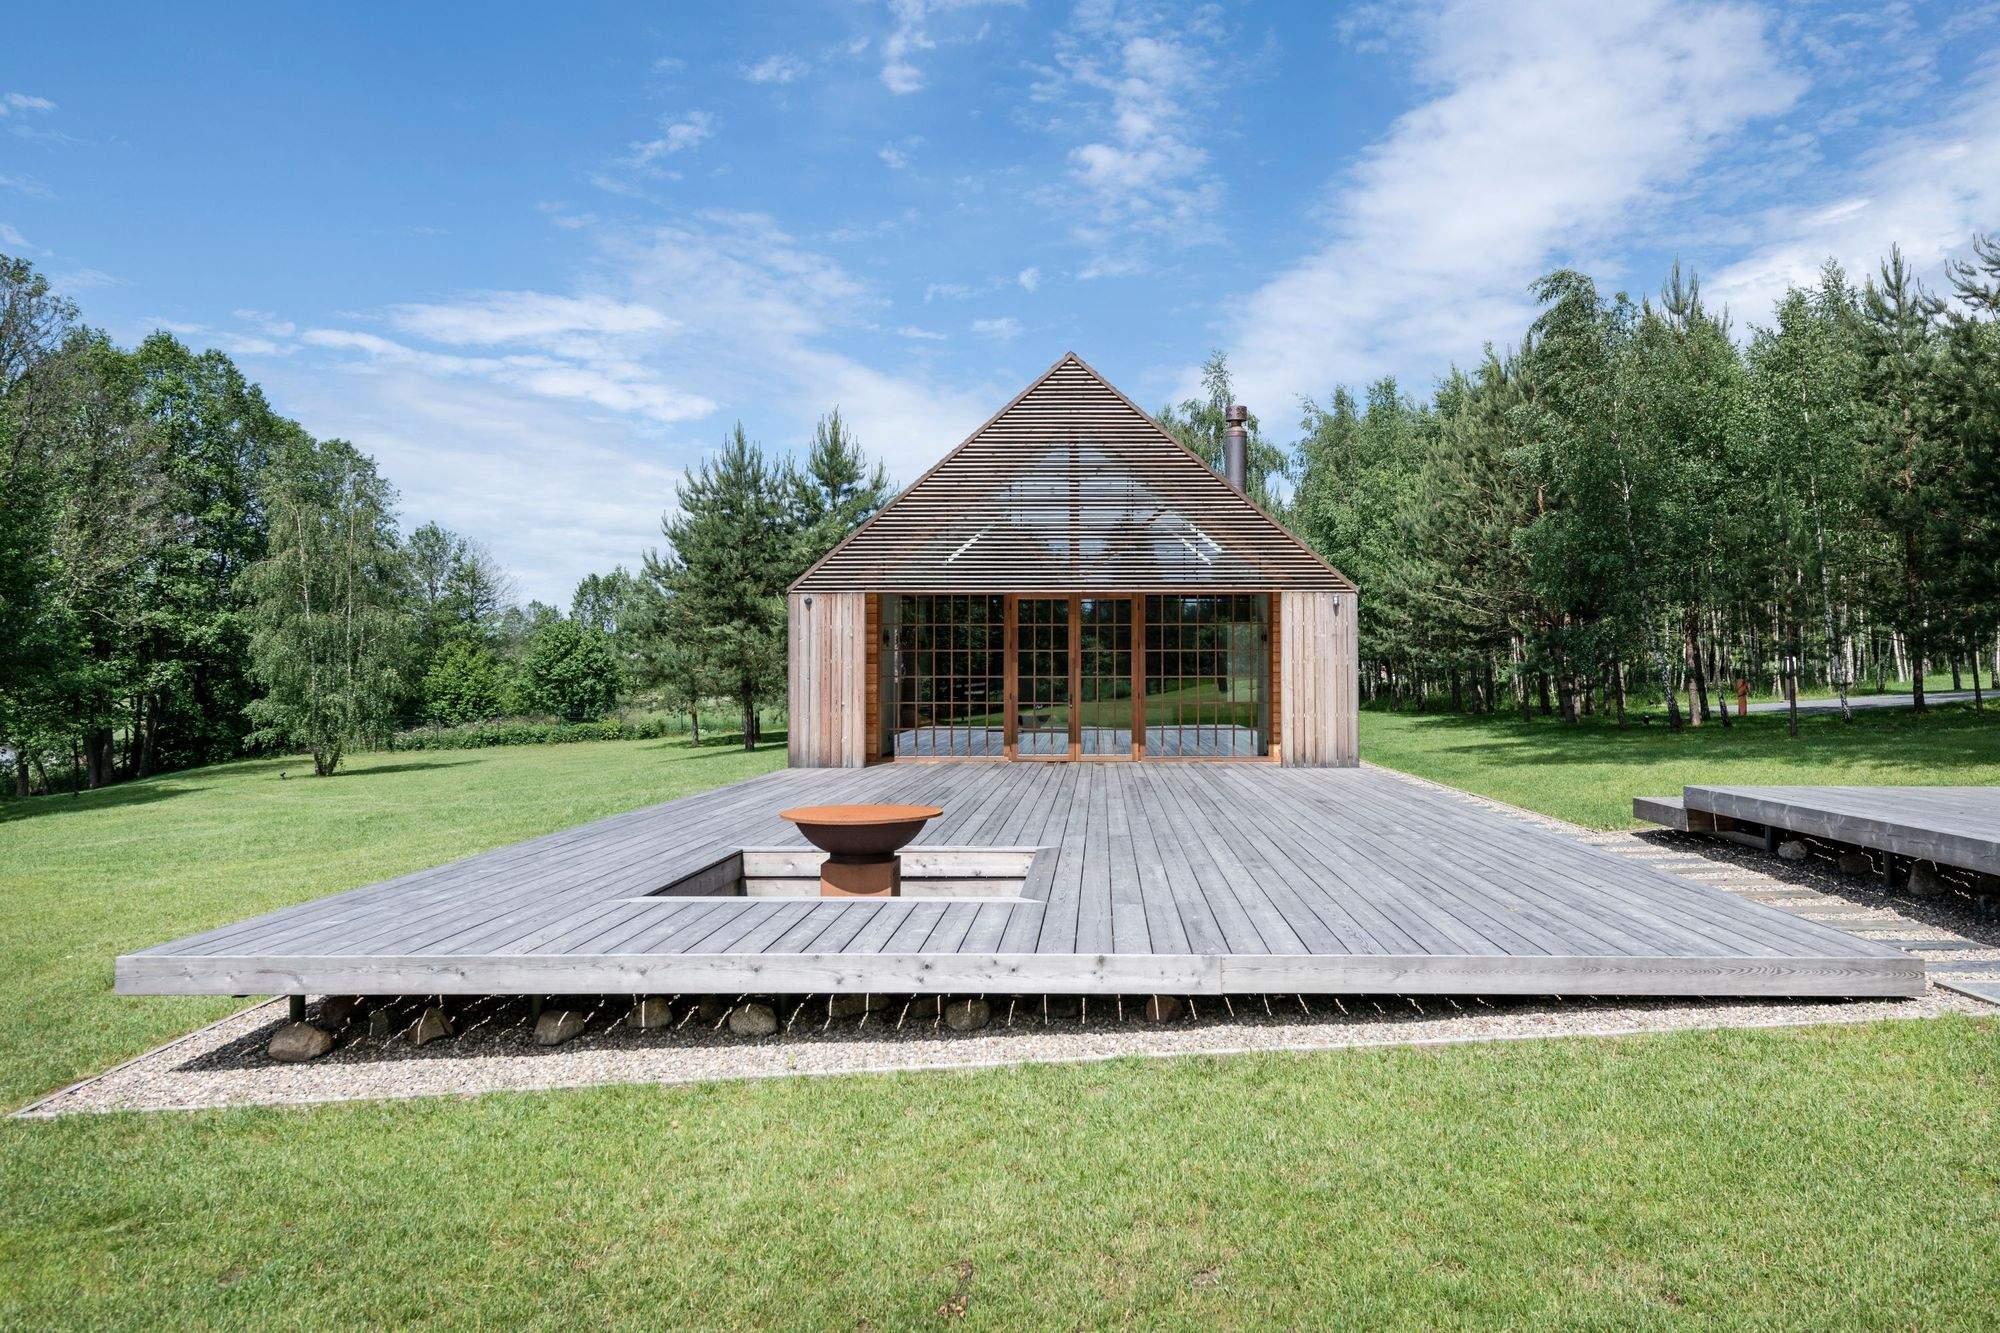 Усадьба в стиле барнхаус, Литва